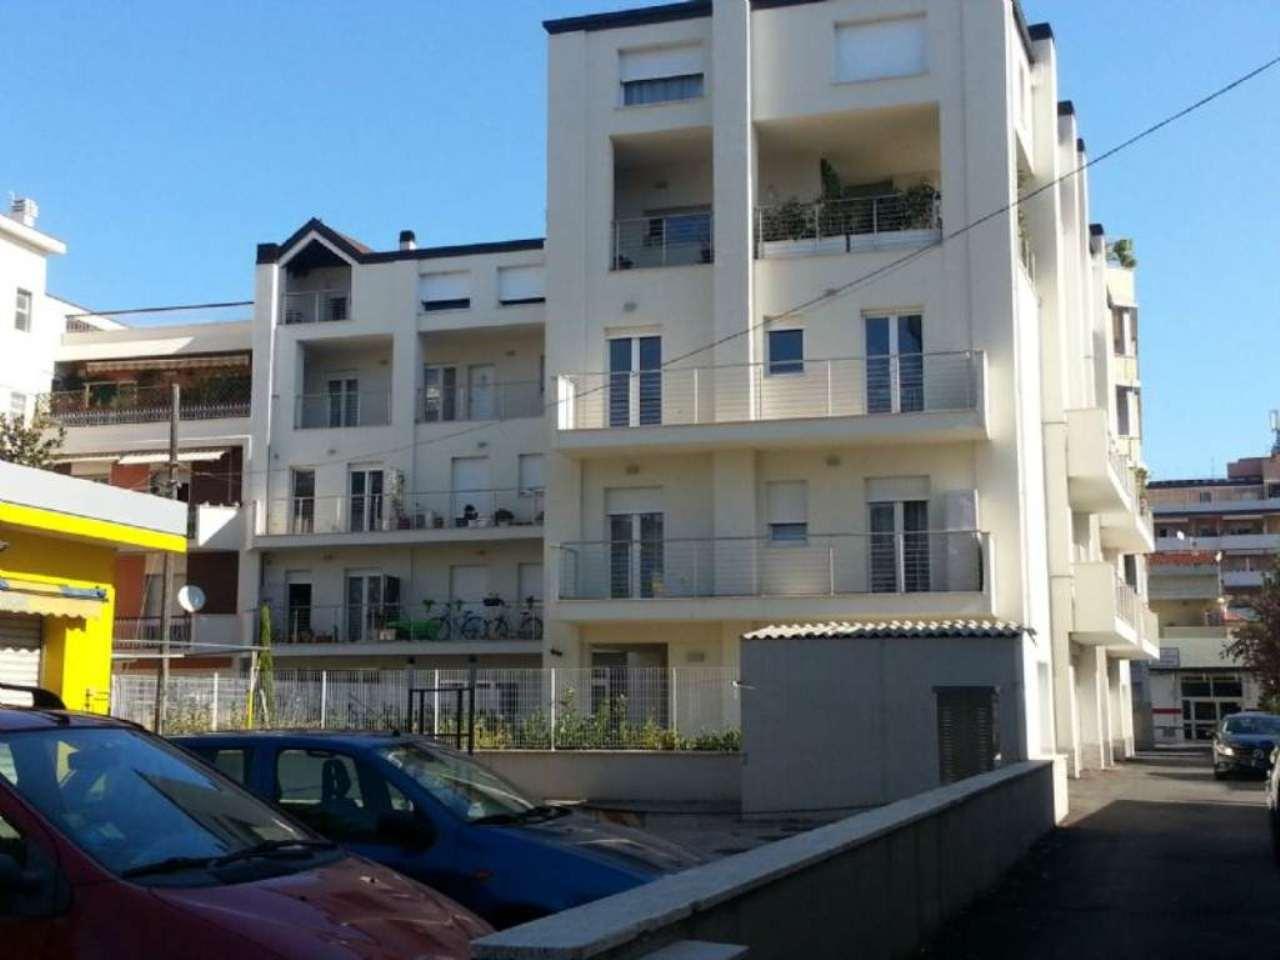 Appartamento in affitto a Pescara, 2 locali, prezzo € 500 | Cambio Casa.it